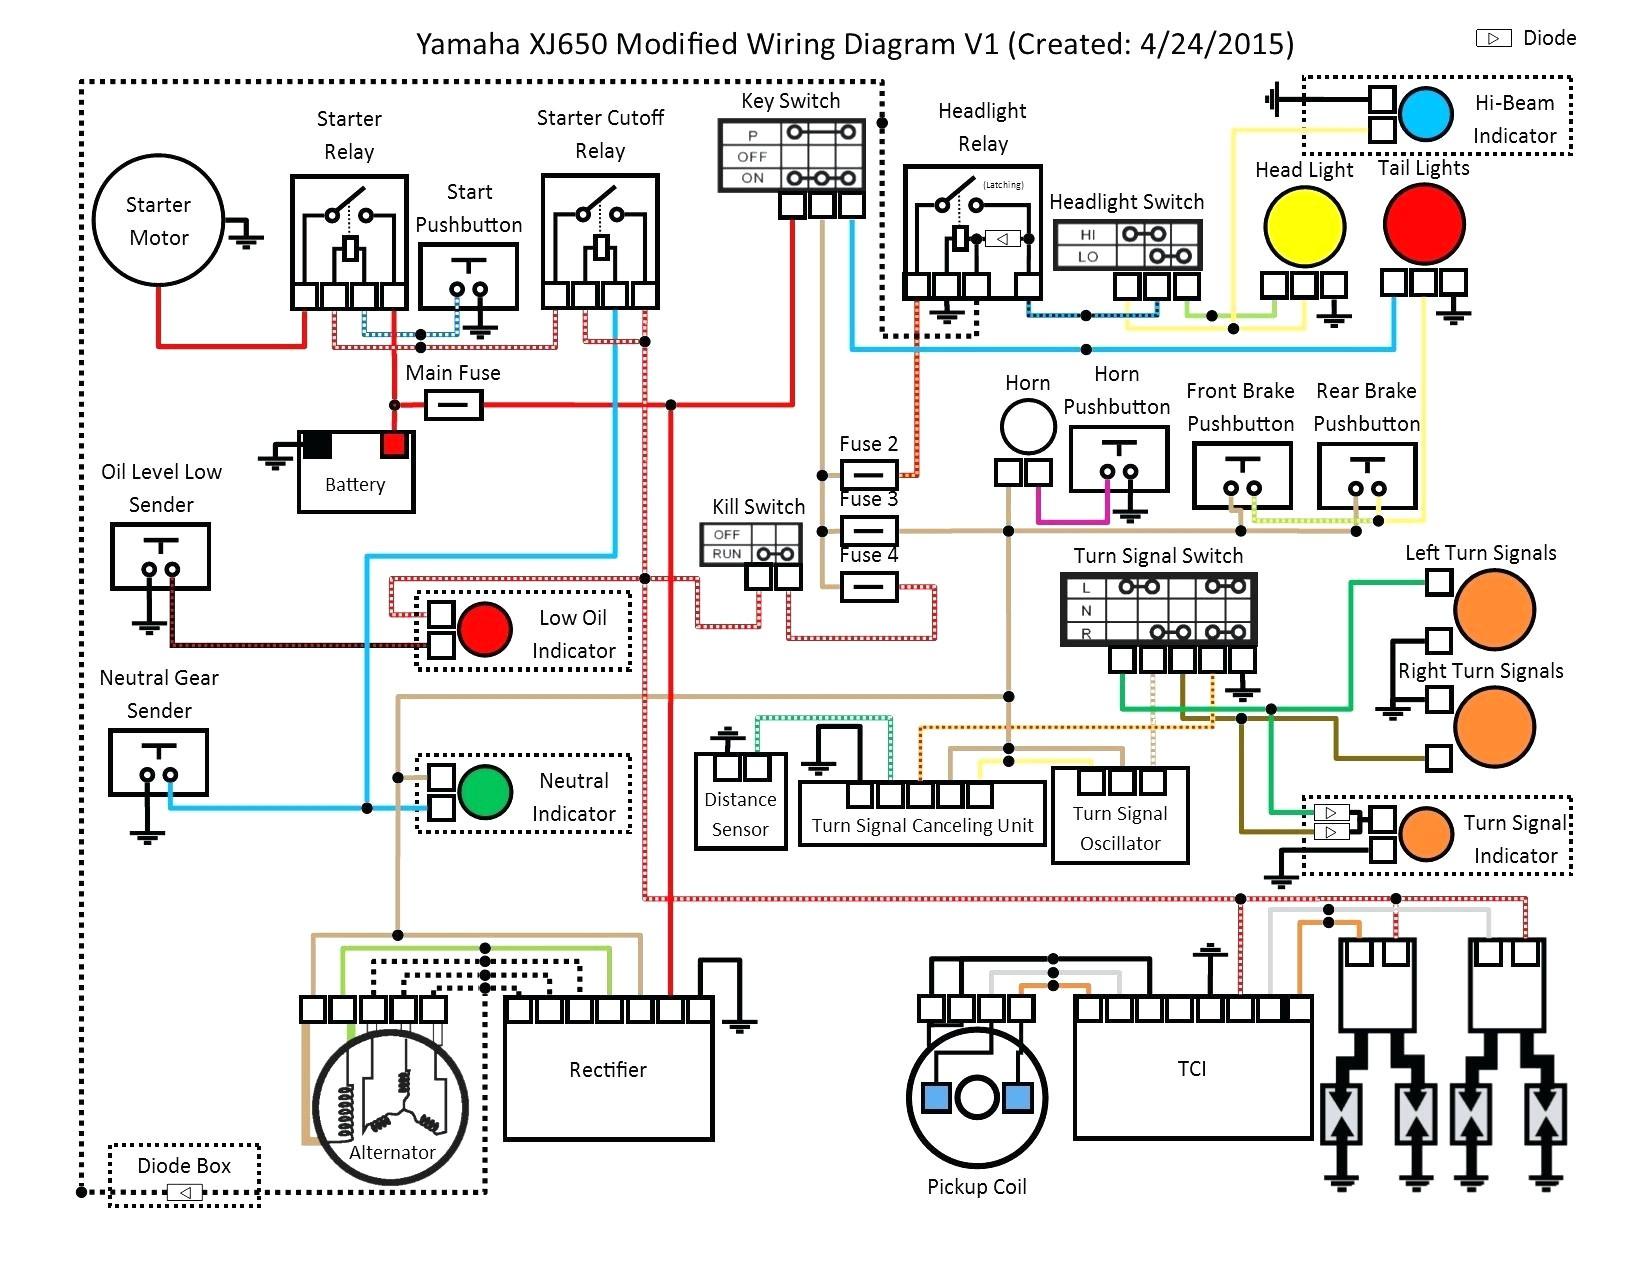 Golf Cart Wiring Diagram Pdf | Wiring Diagram - Ez Go Golf Cart Wiring Diagram Pdf